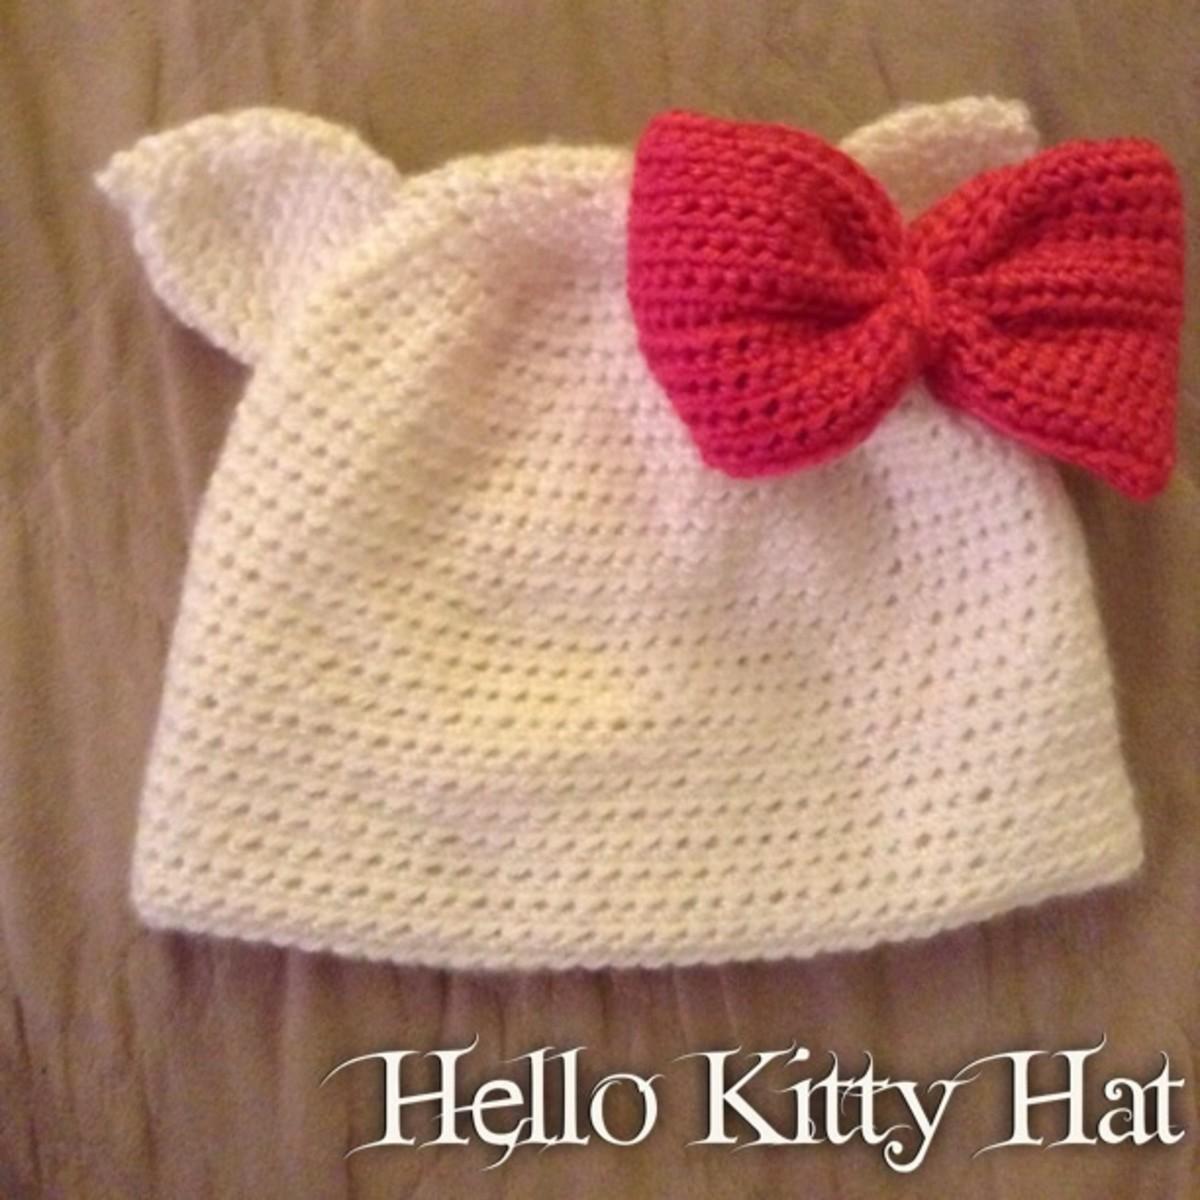 How to Crochet a Hello Kitty Hat or Headband.